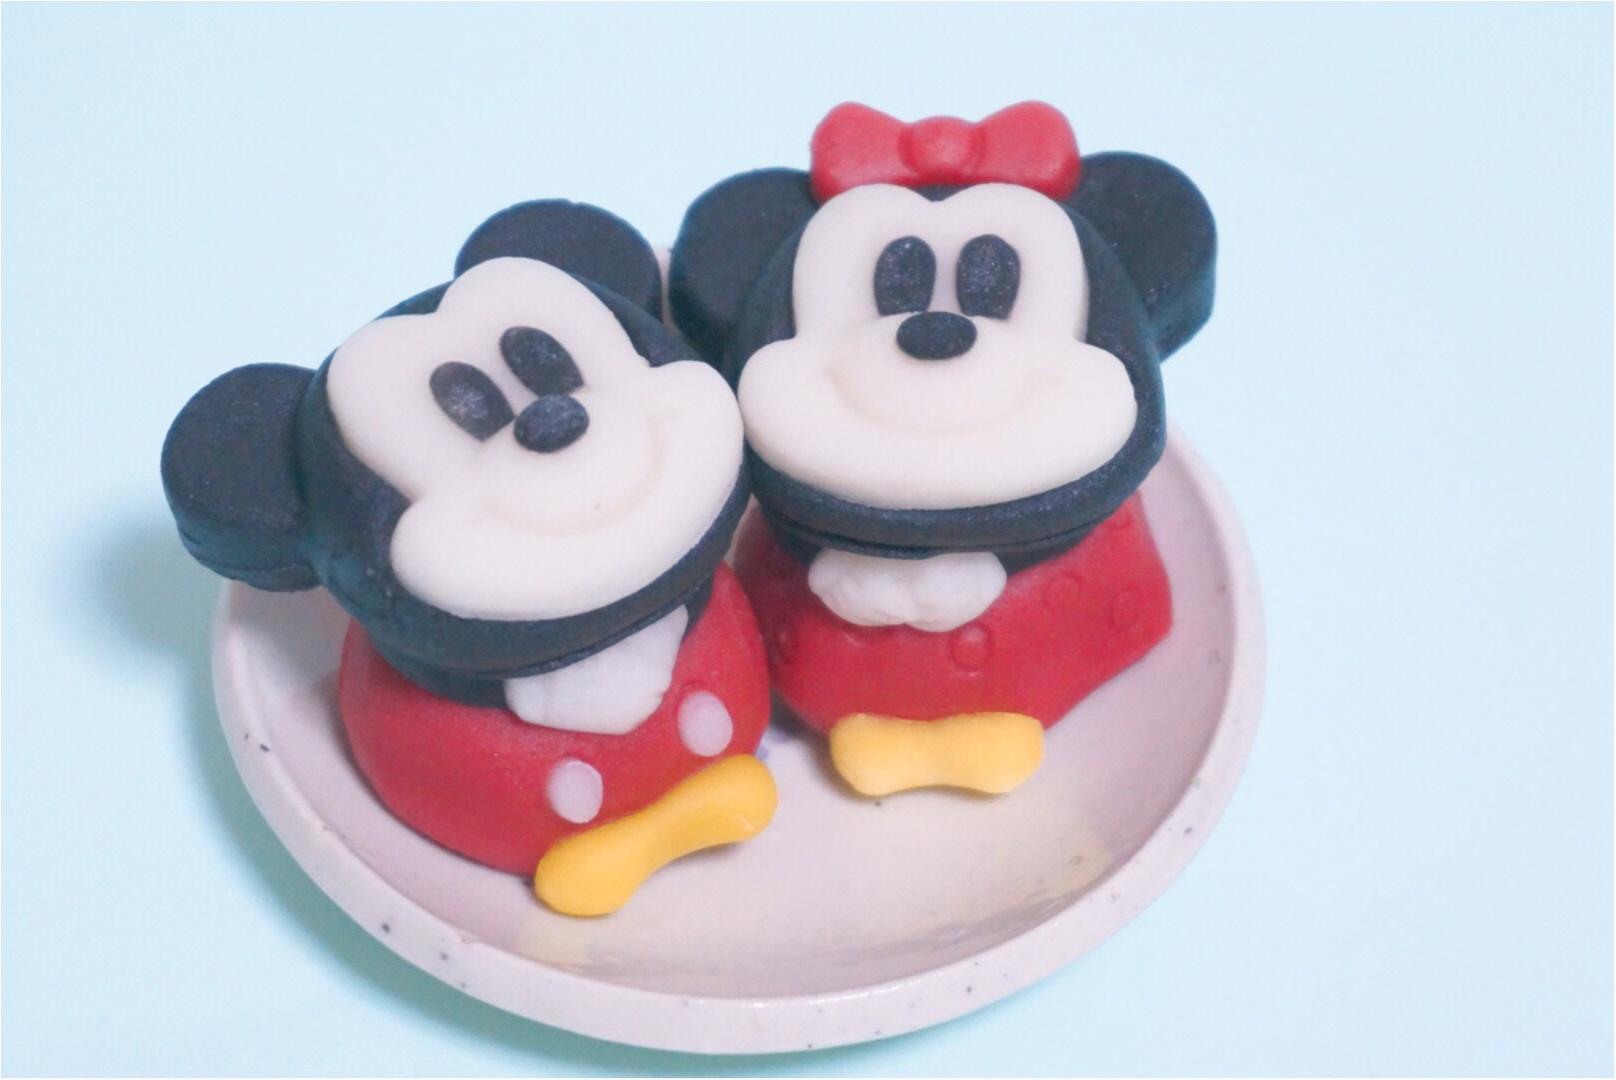 【3日間限定‼︎】ミッキーとミニーが可愛い和菓子に大変身( ´艸`)♡セブンで3日間だけ限定発売✨_1